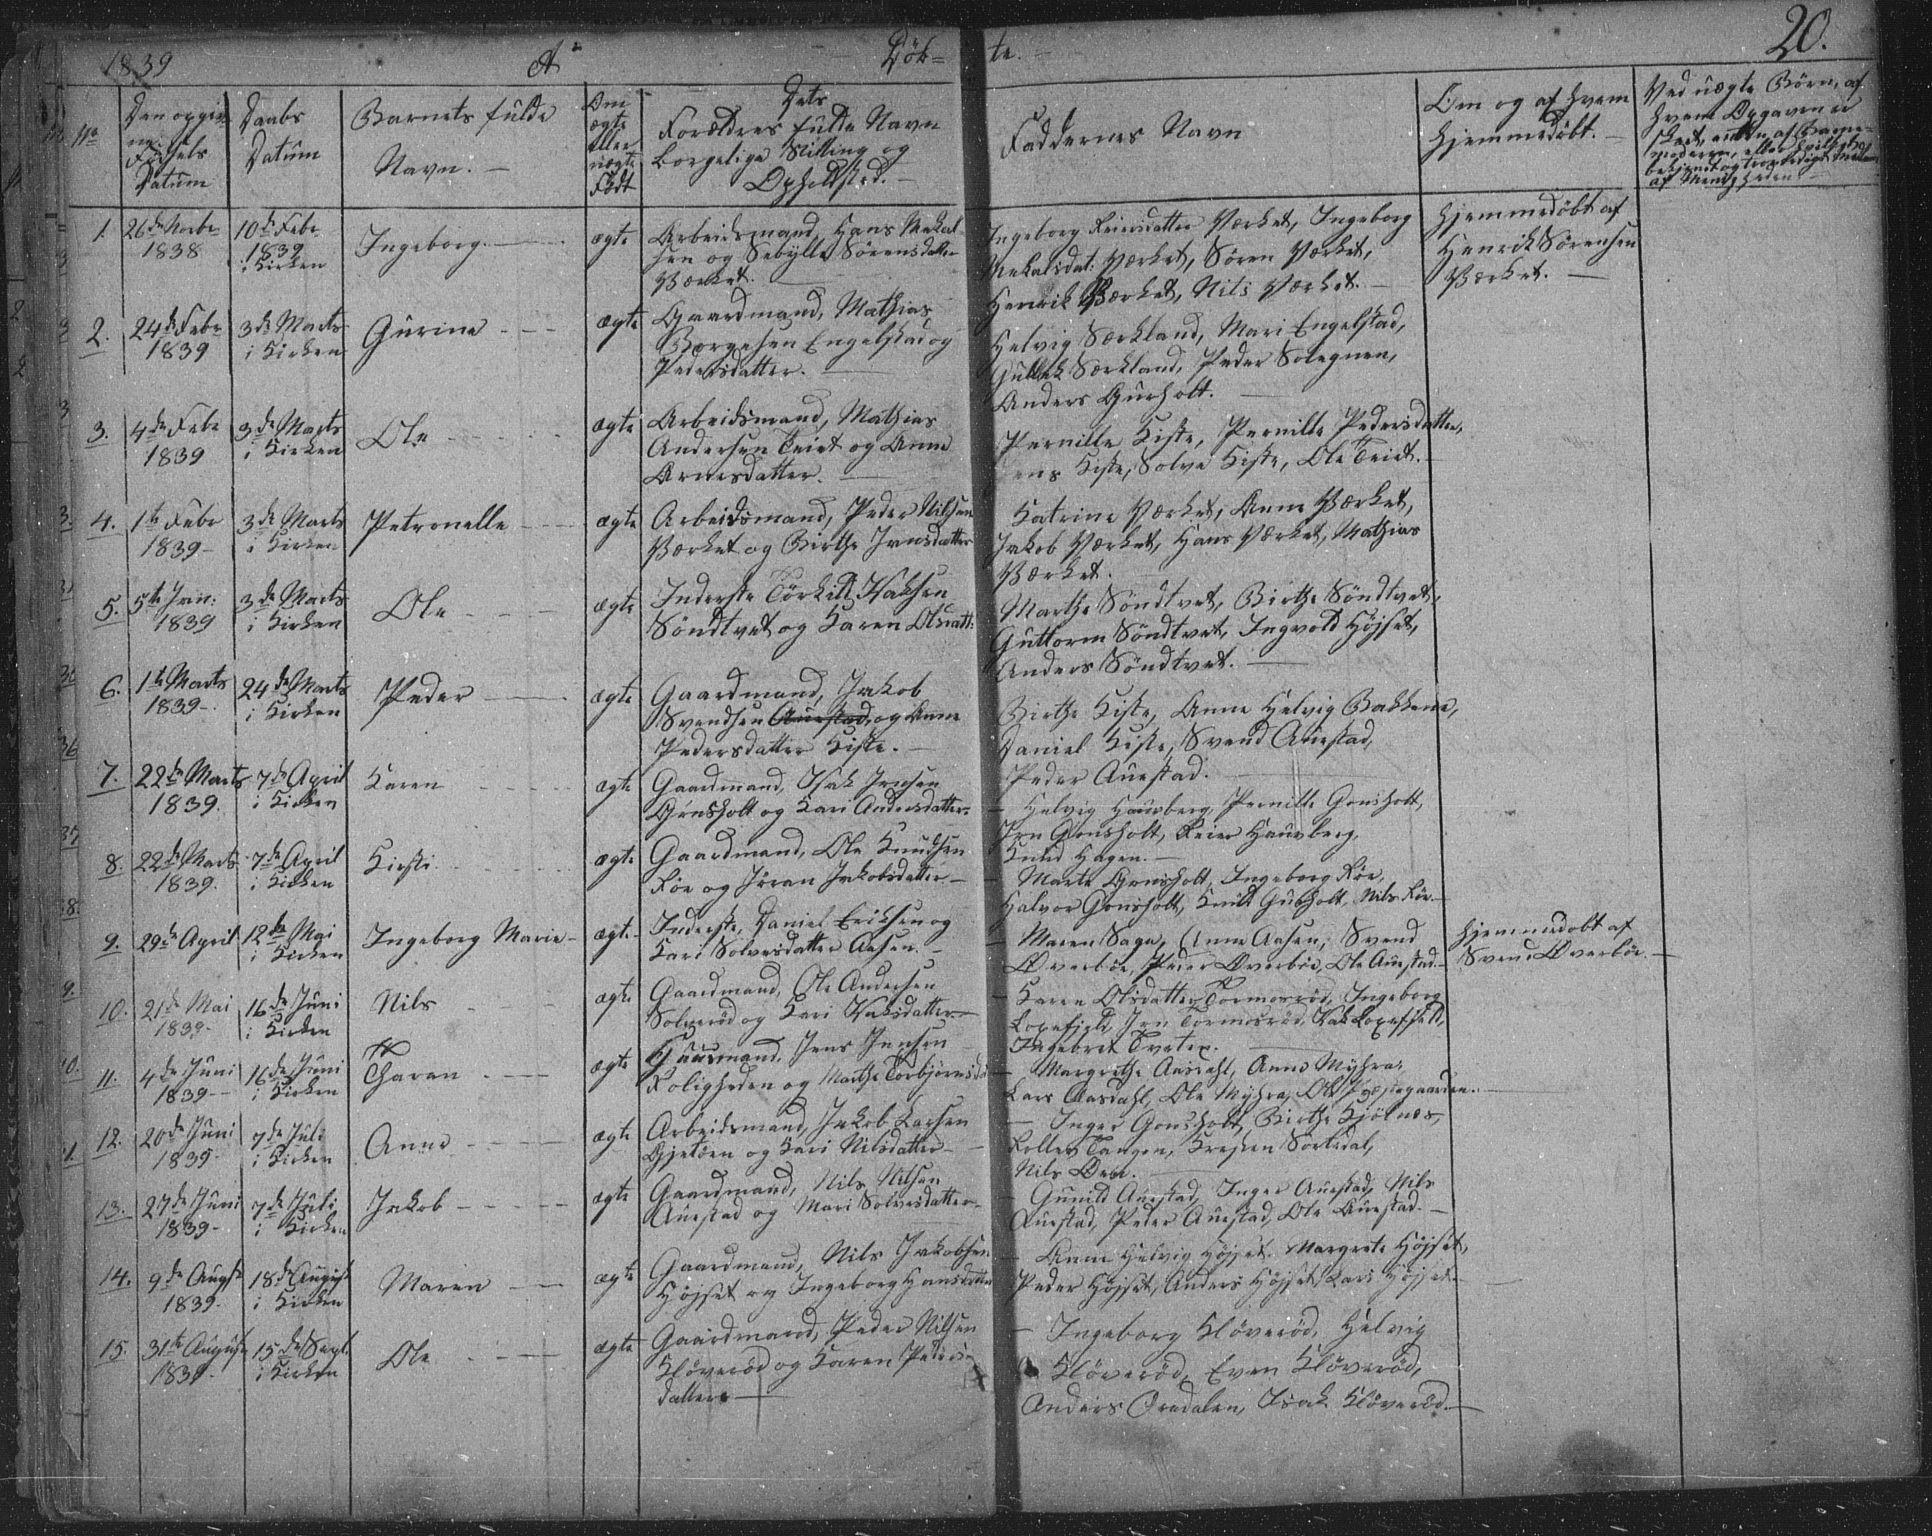 SAKO, Siljan kirkebøker, F/Fa/L0001: Ministerialbok nr. 1, 1831-1870, s. 20